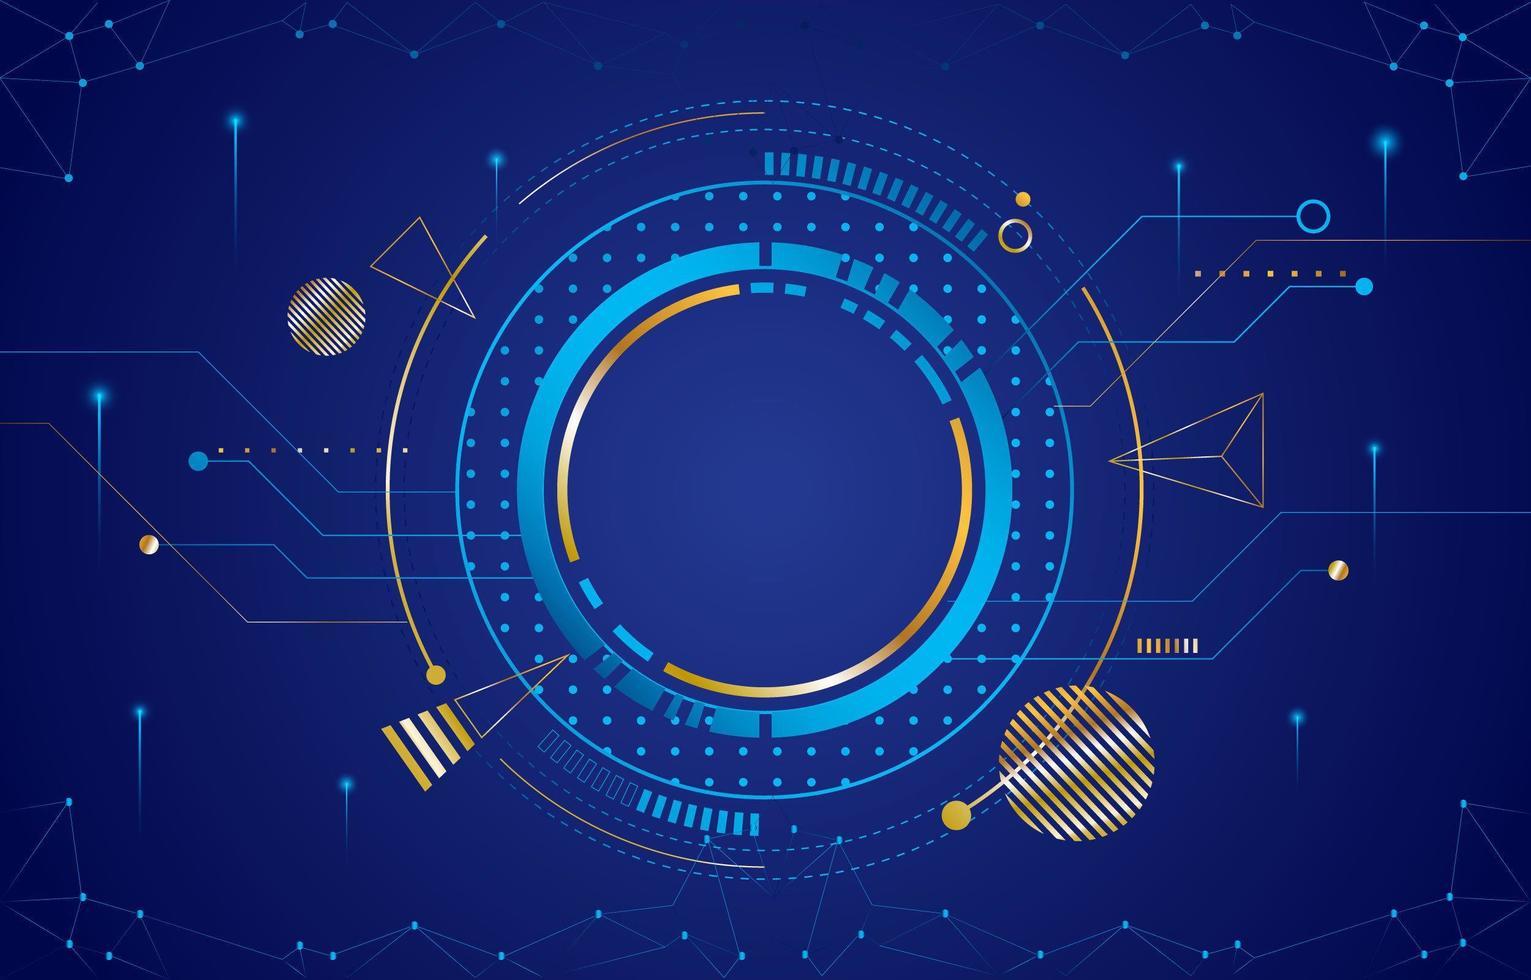 cercle numérique avec couleur bleue et or vecteur